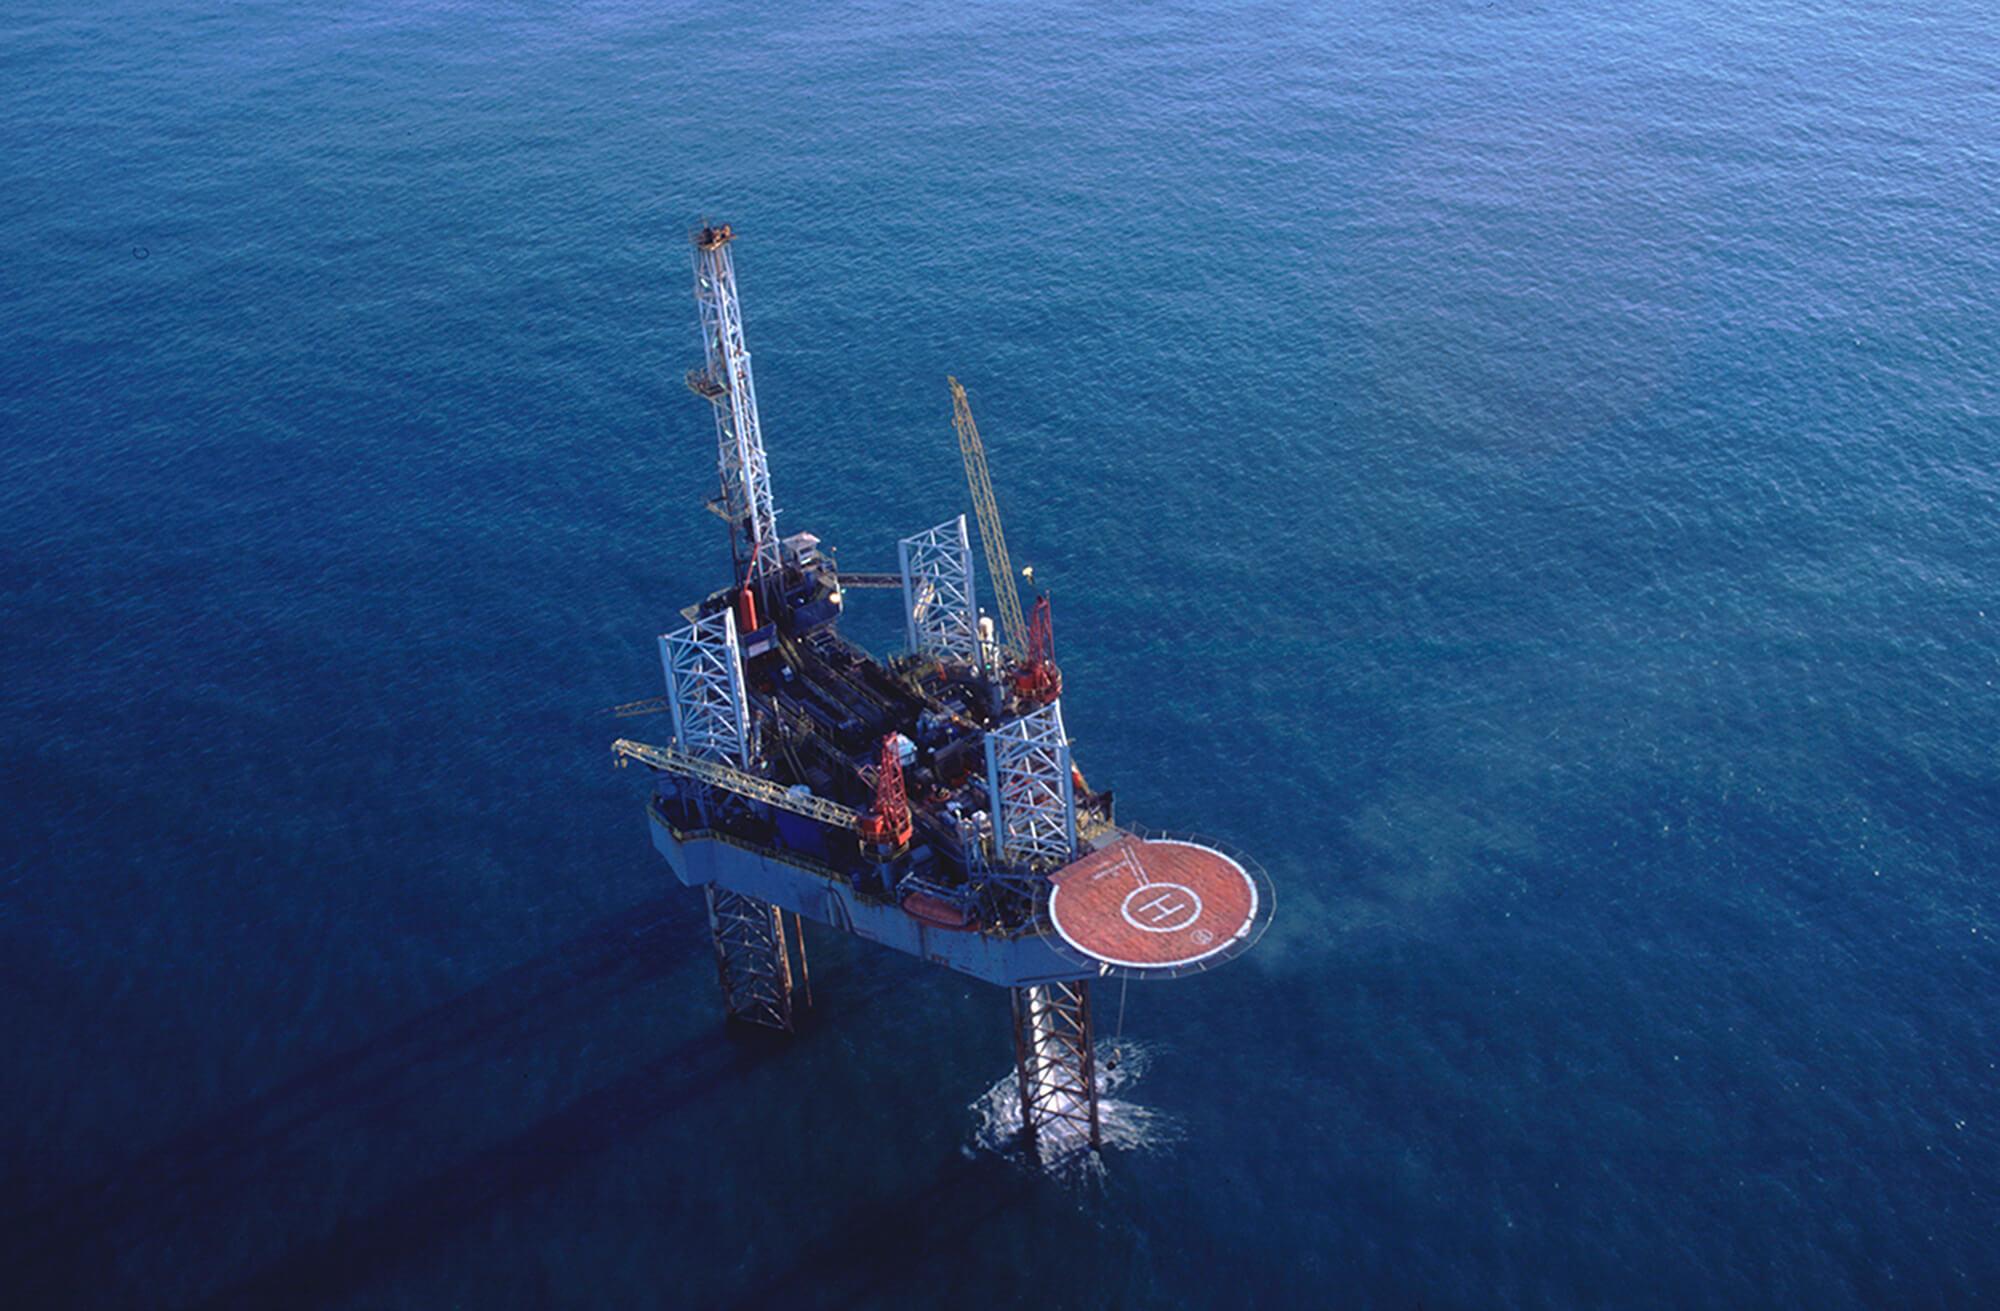 Offshore Oil Platform Jackup Workover Rig